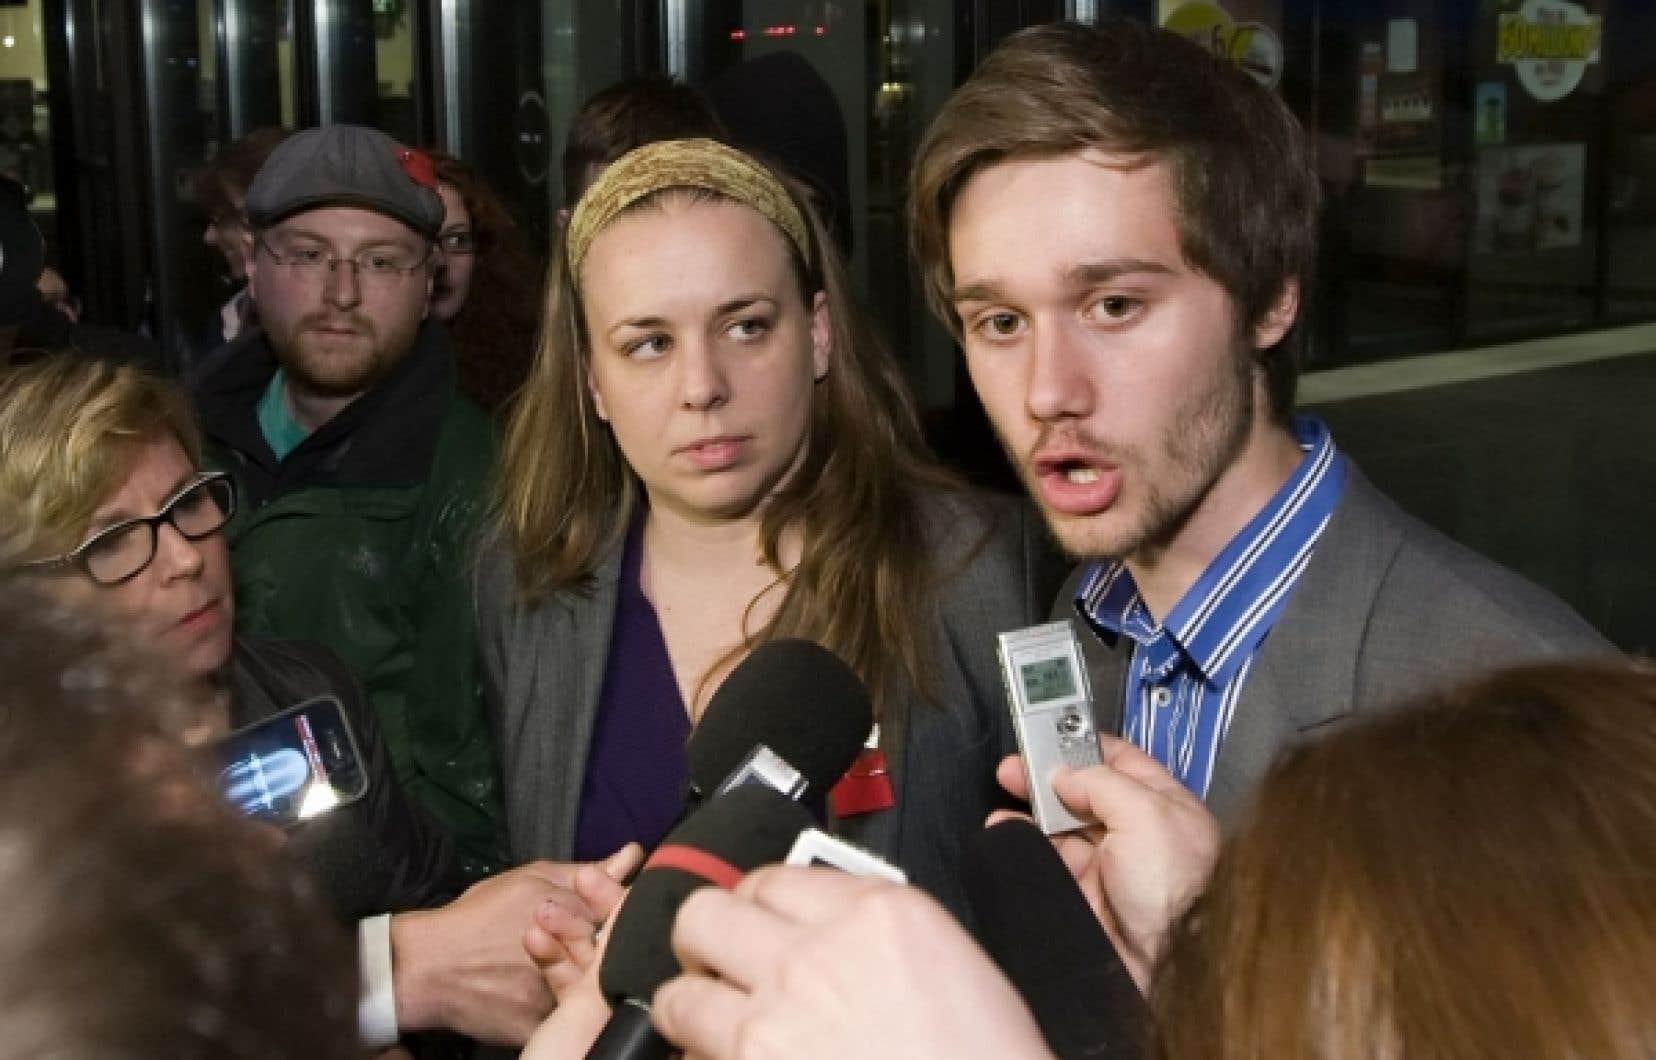 La présidente de la Fédération étudiante universitaire du Québec (FEUQ), Martine Desjardins, et le président de laFédération étudiante collégiale (FECQ),Léo Bureau Blouin